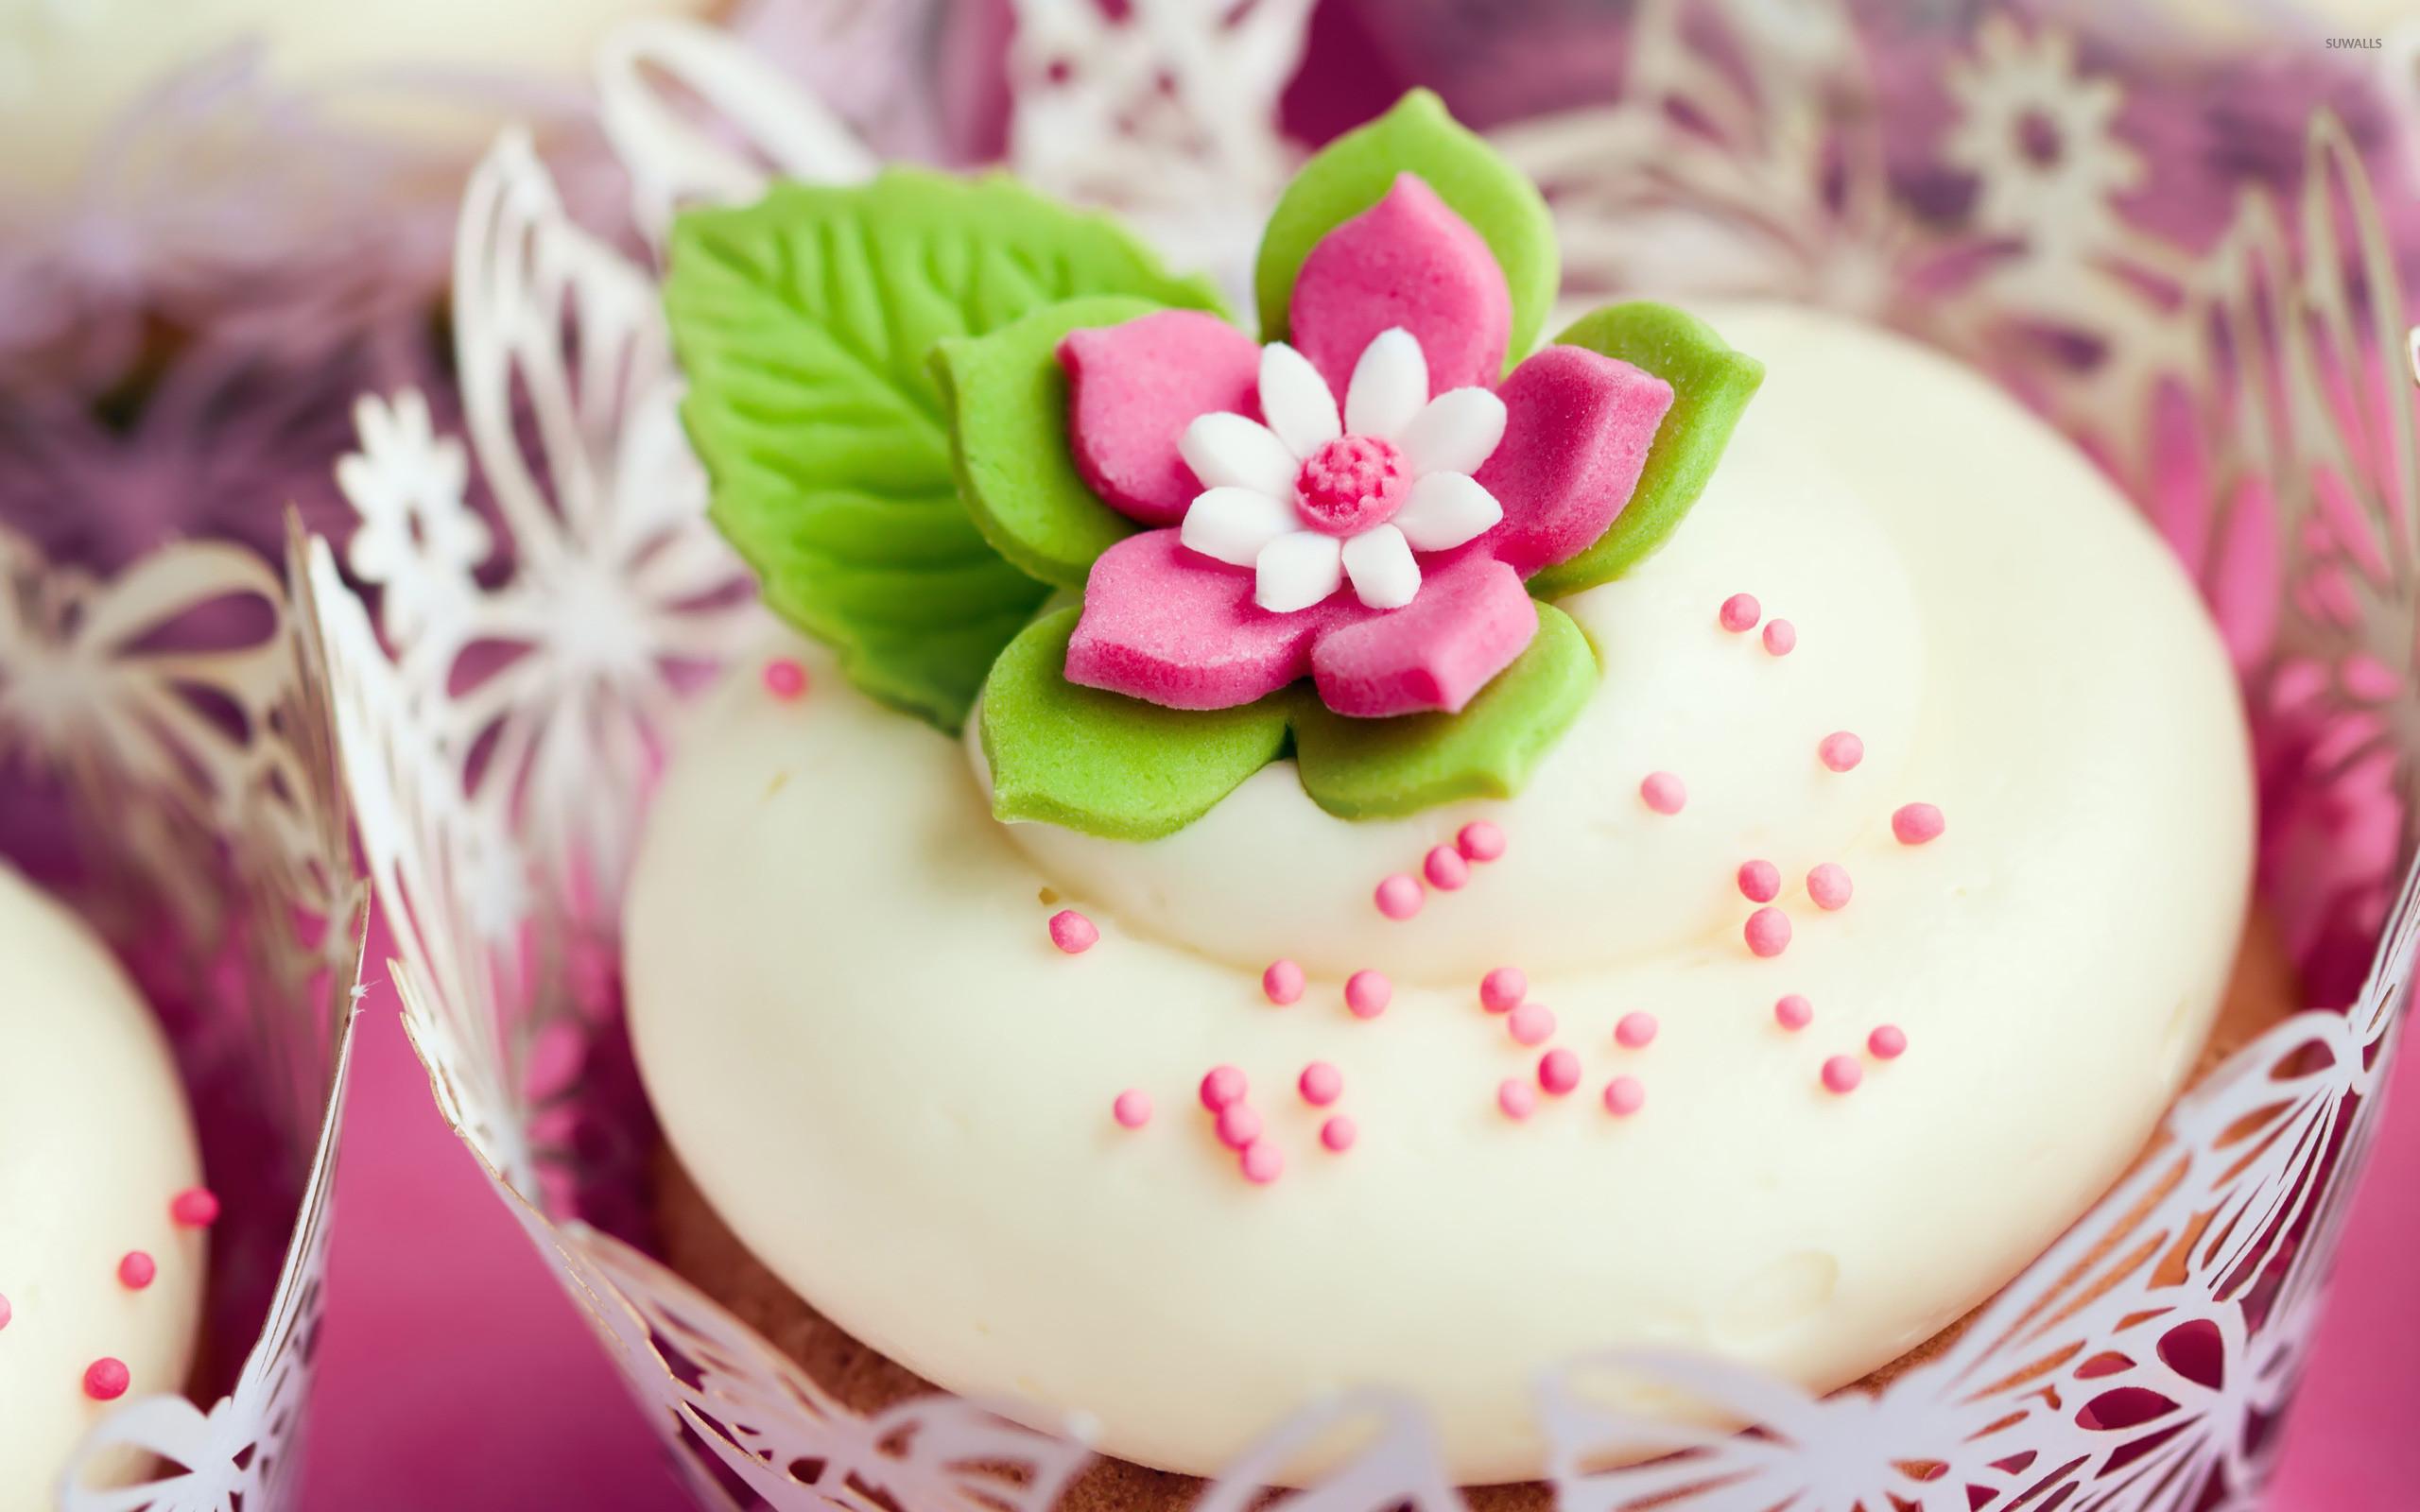 Res: 2560x1600, Cupcake wallpaper  jpg